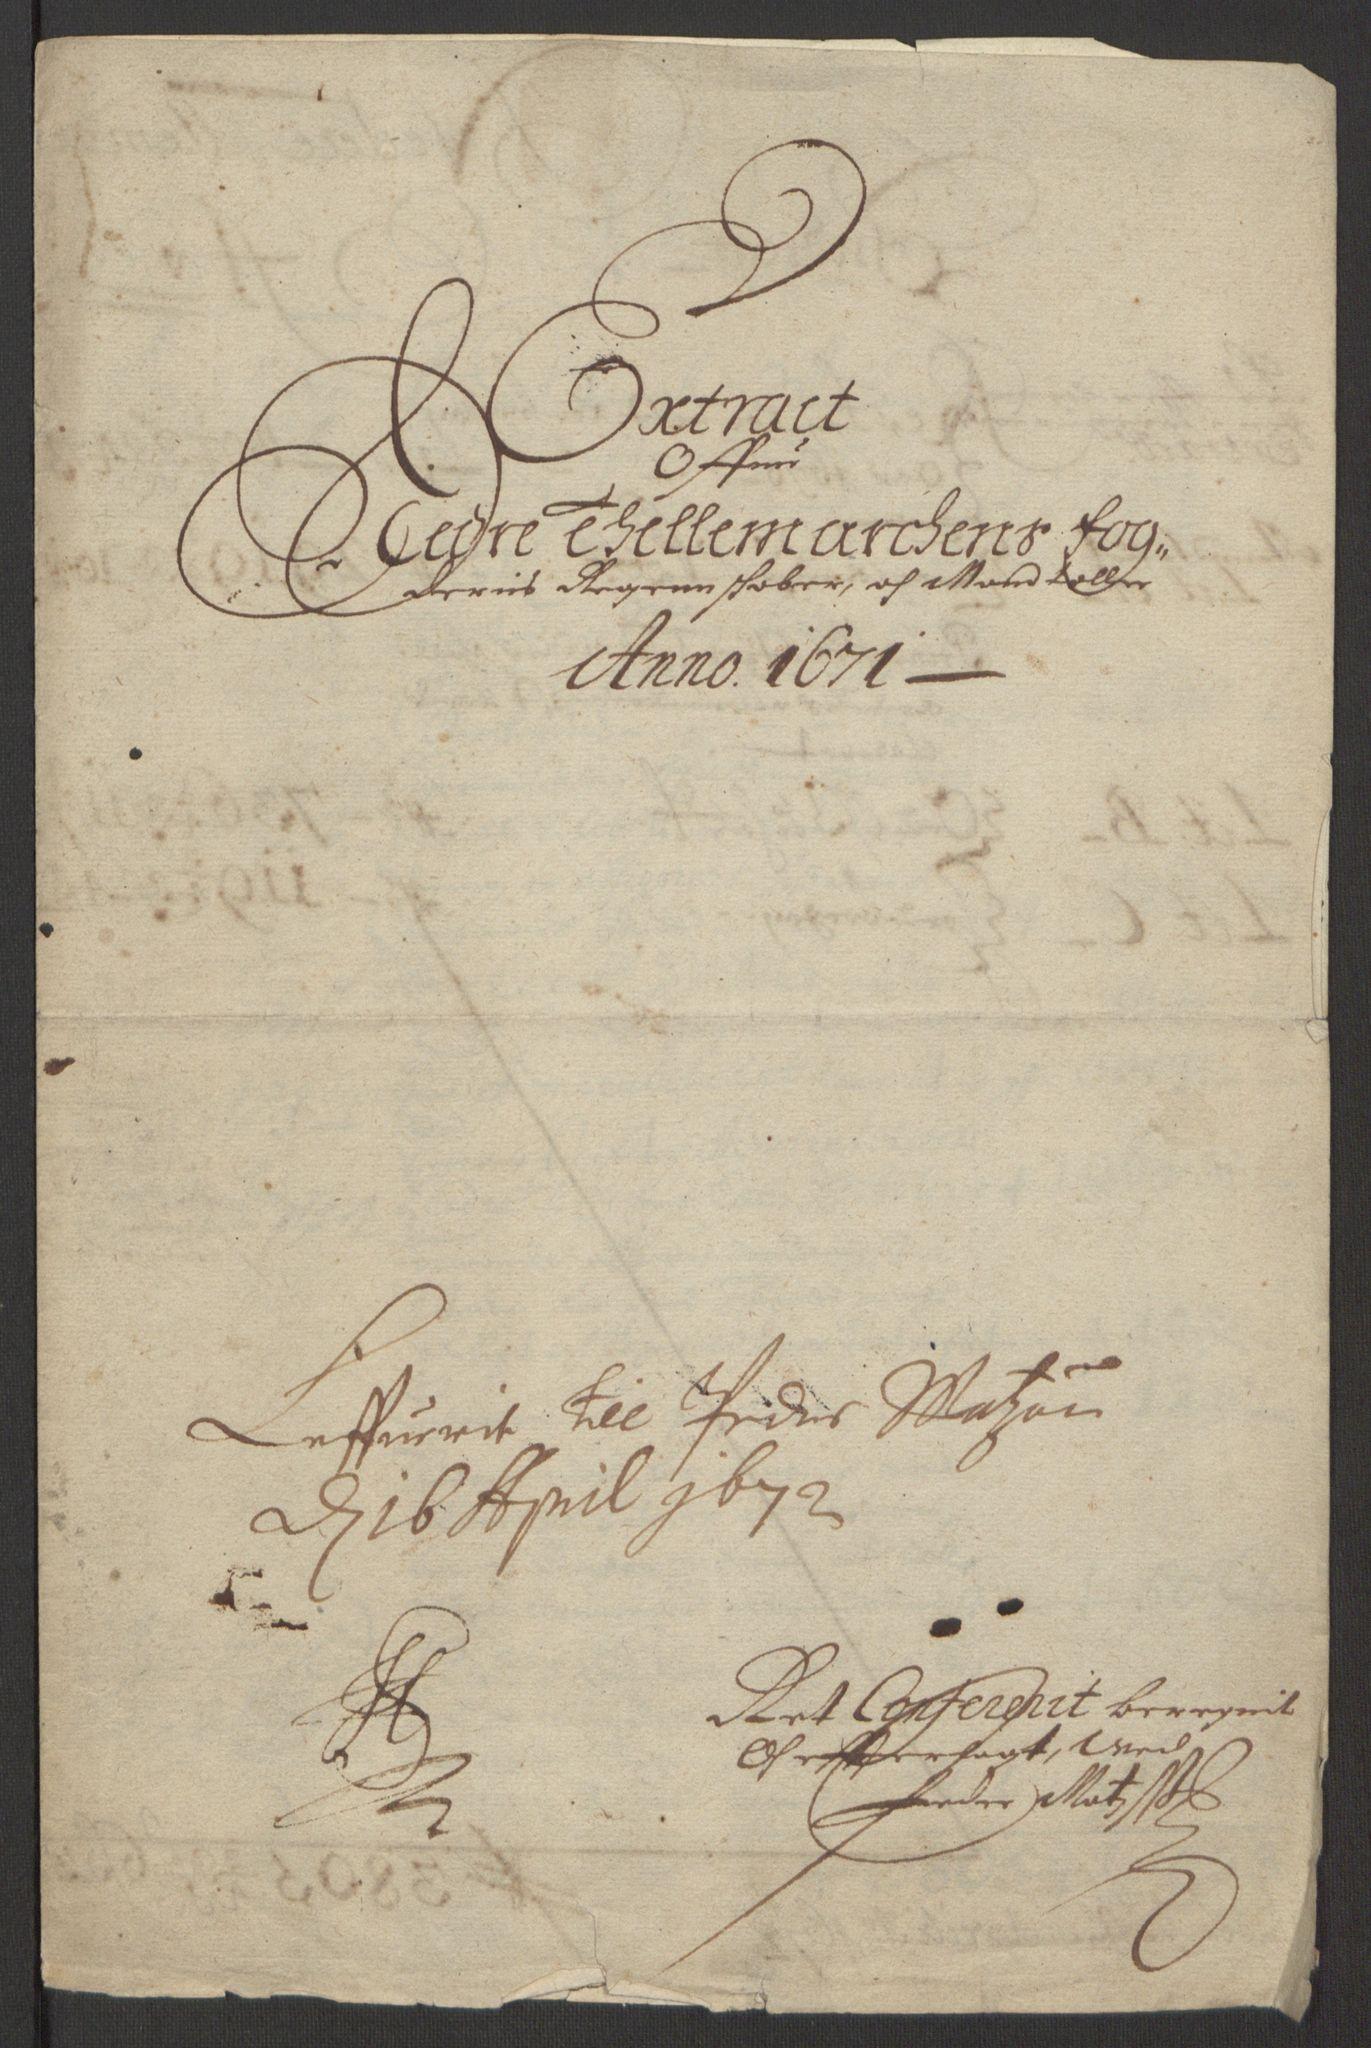 RA, Rentekammeret inntil 1814, Reviderte regnskaper, Fogderegnskap, R35/L2060: Fogderegnskap Øvre og Nedre Telemark, 1671-1672, s. 131